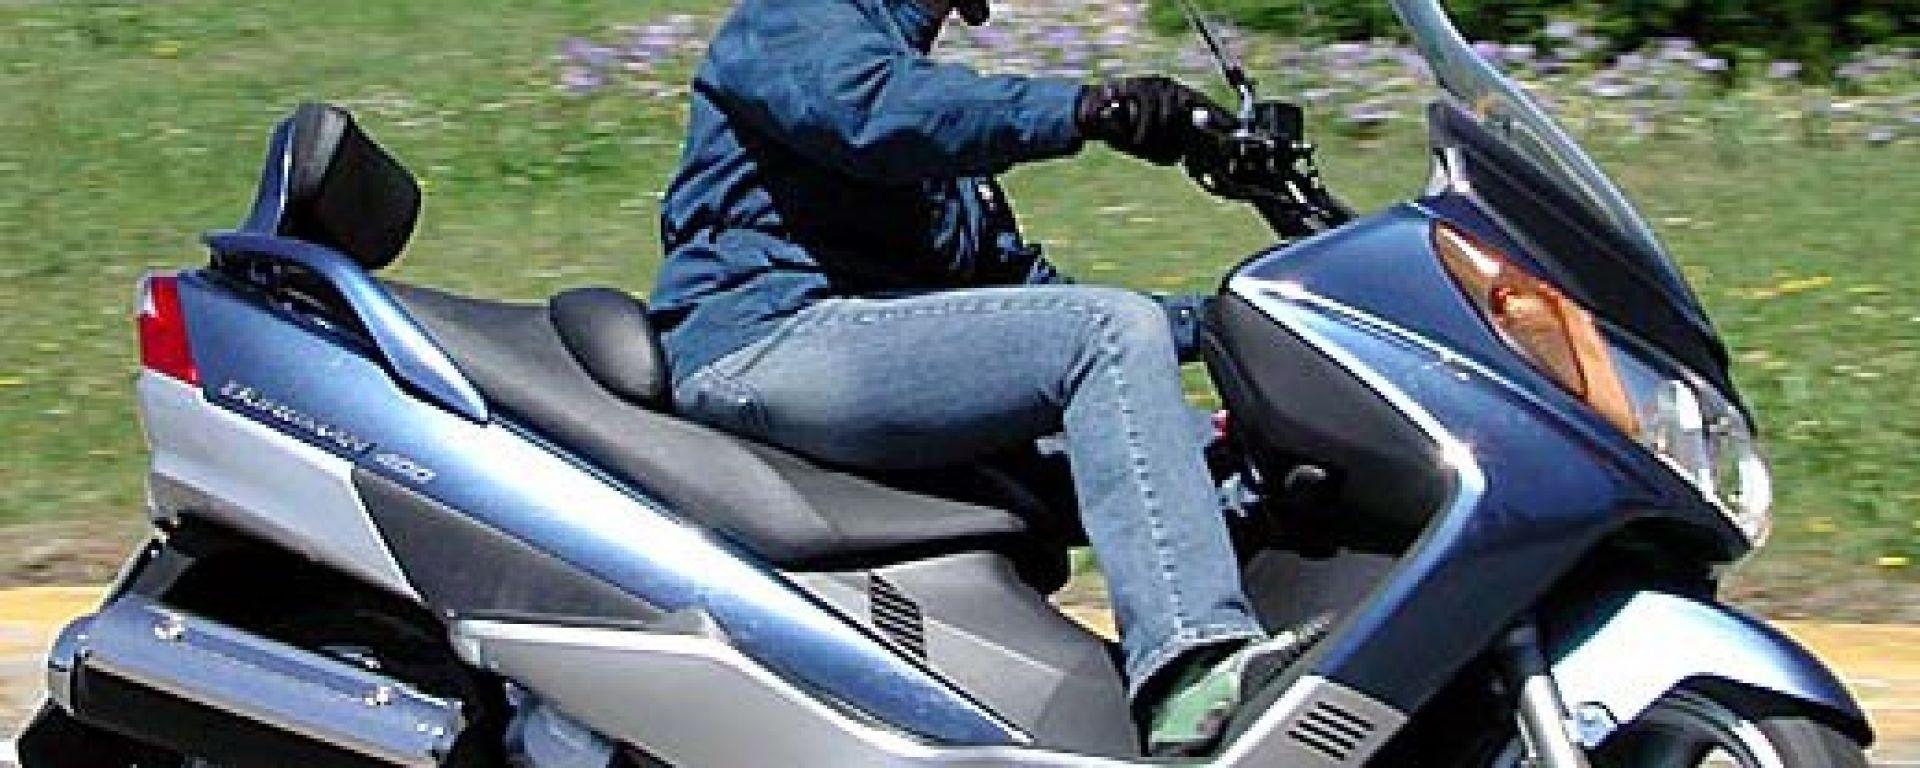 Suzuki Burgman 400 ie